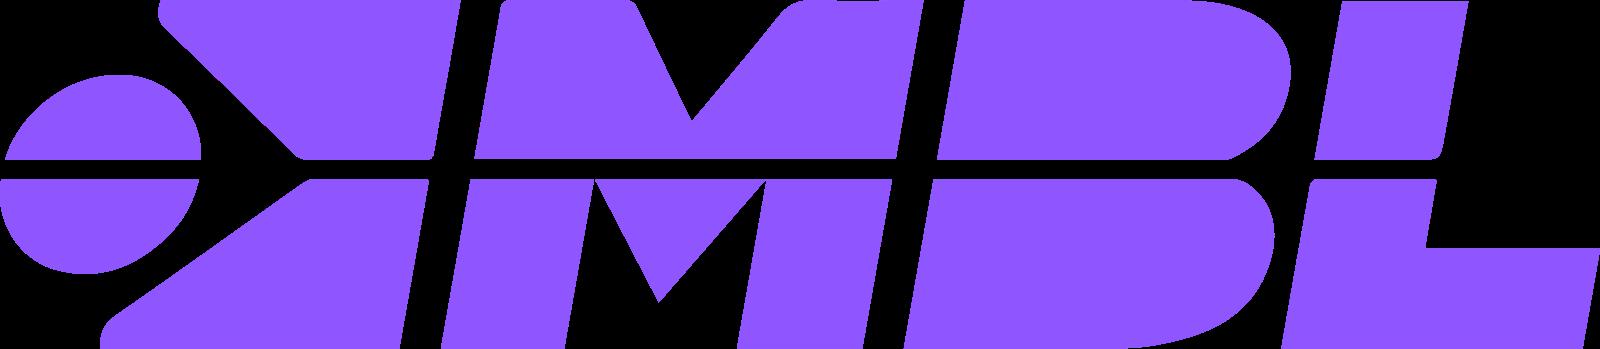 MBL logo, Movimento Brasil Livre.